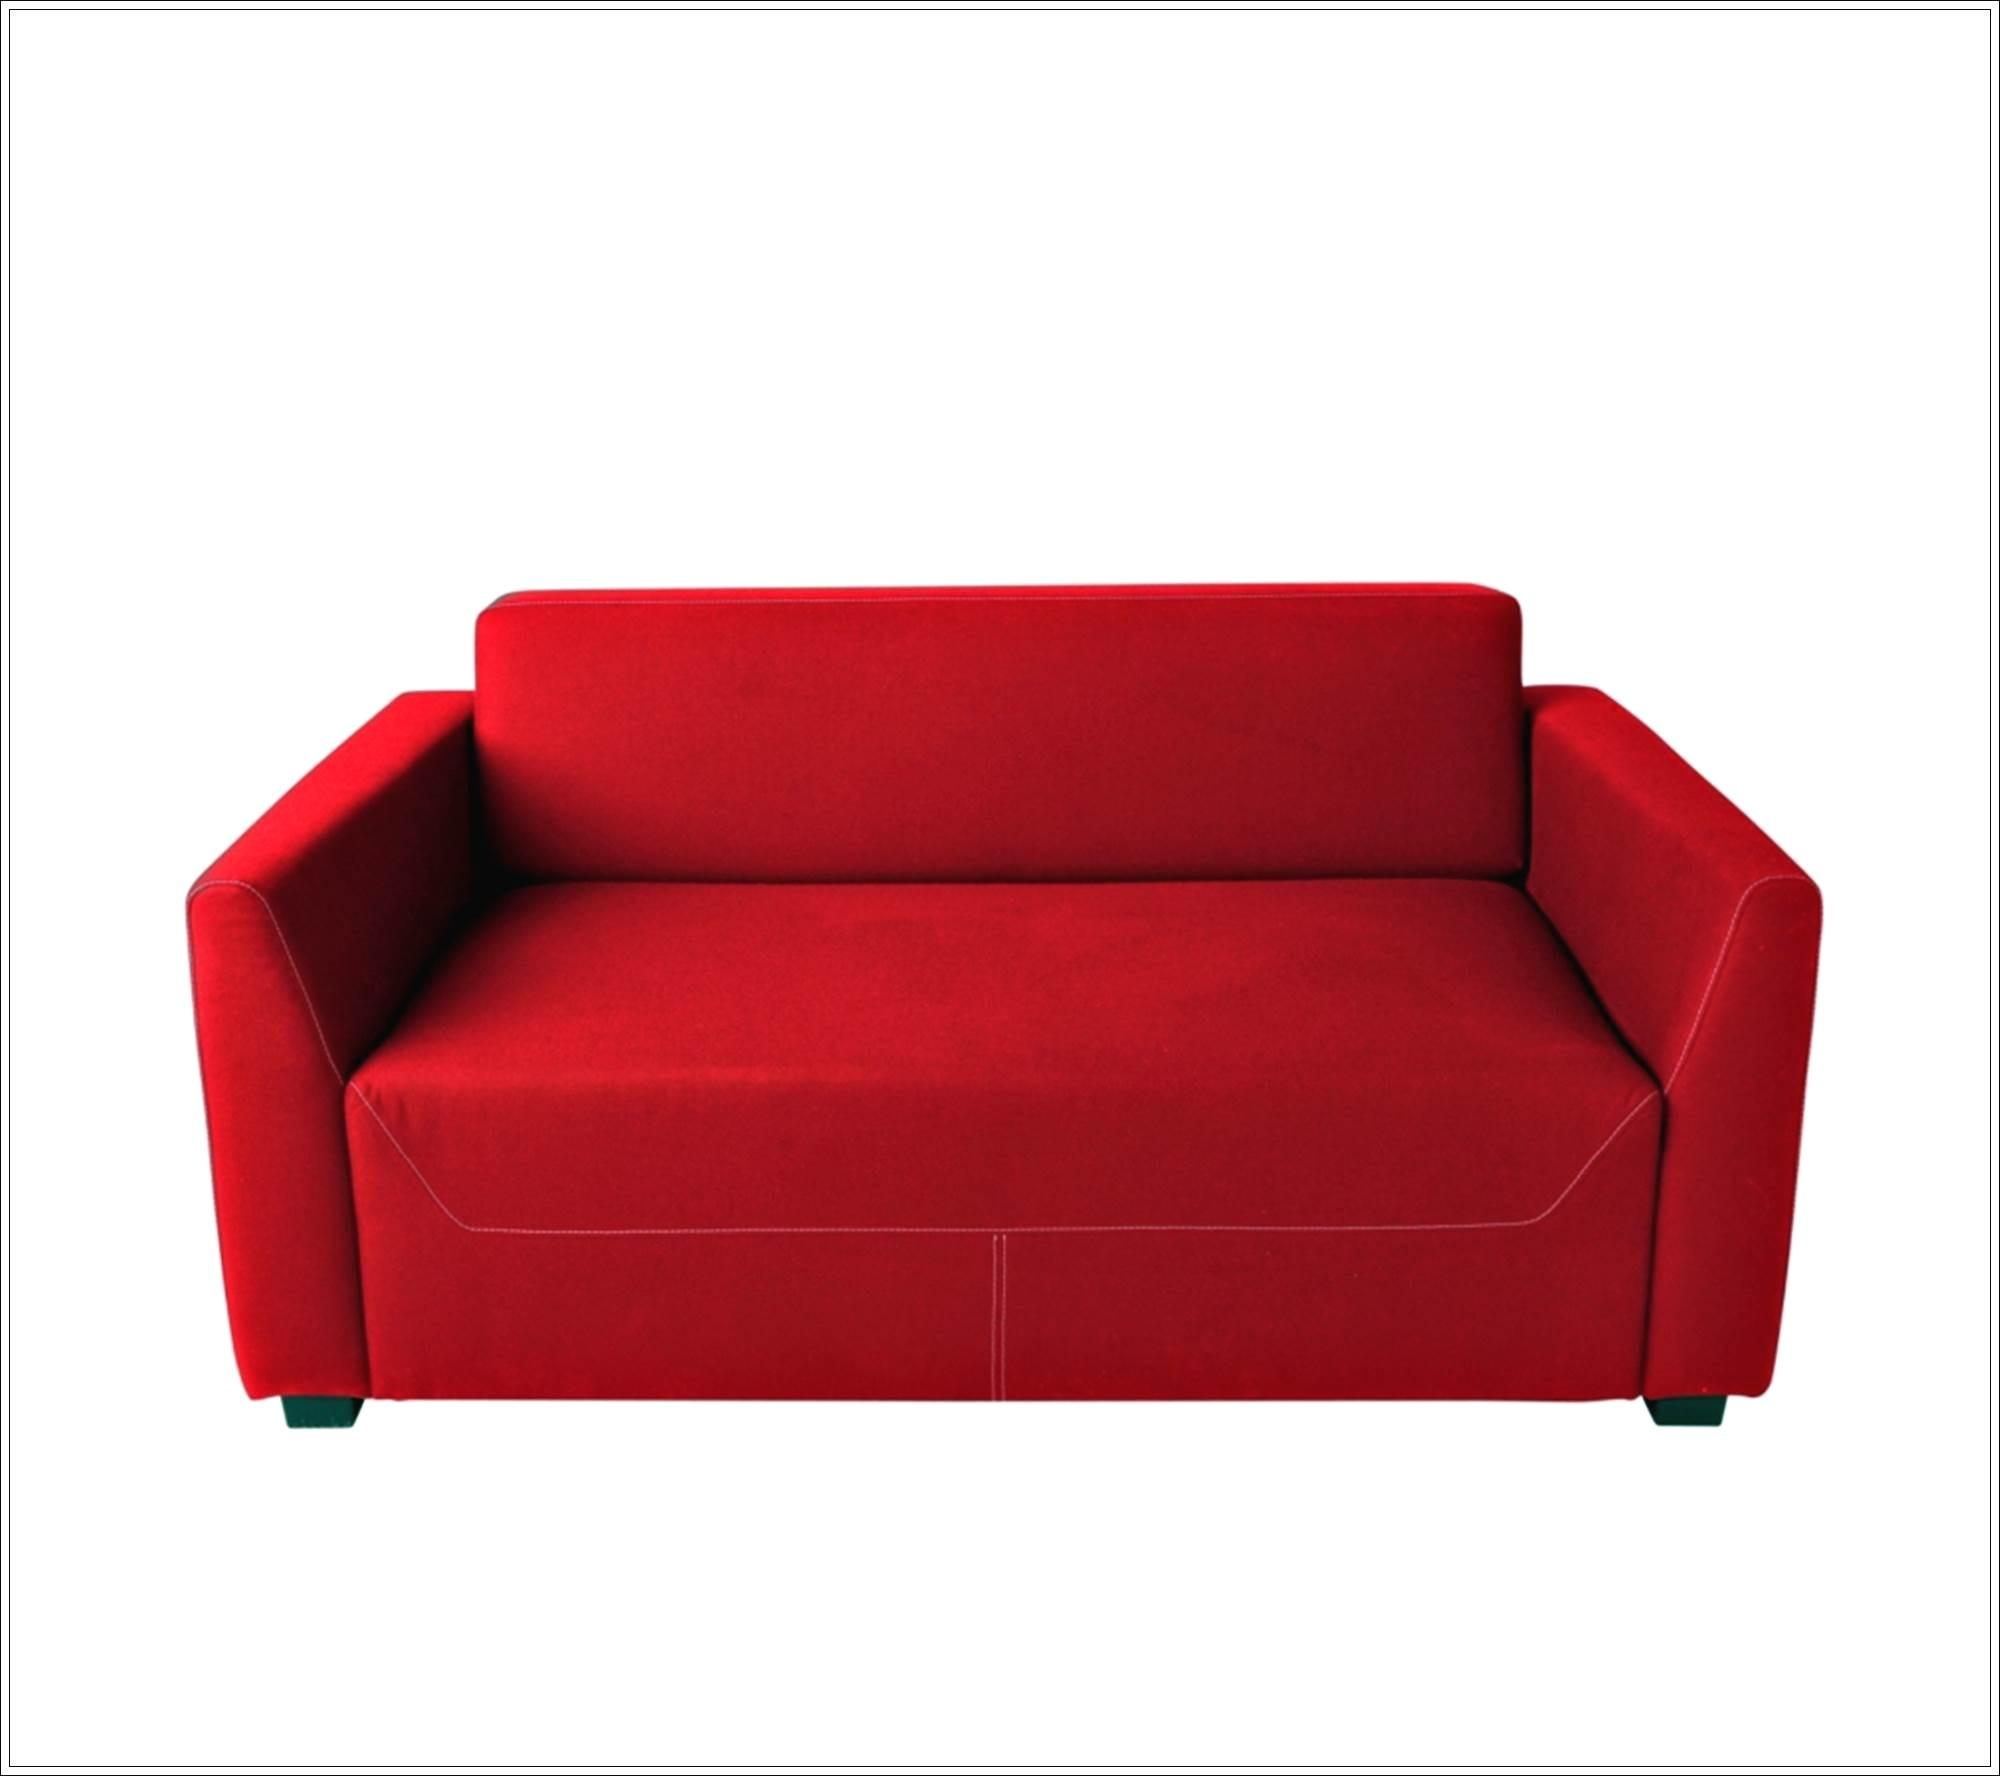 Canapé Ikea Tylosand Impressionnant Galerie Les 23 élégant Canapé Lit but 2 Places Image